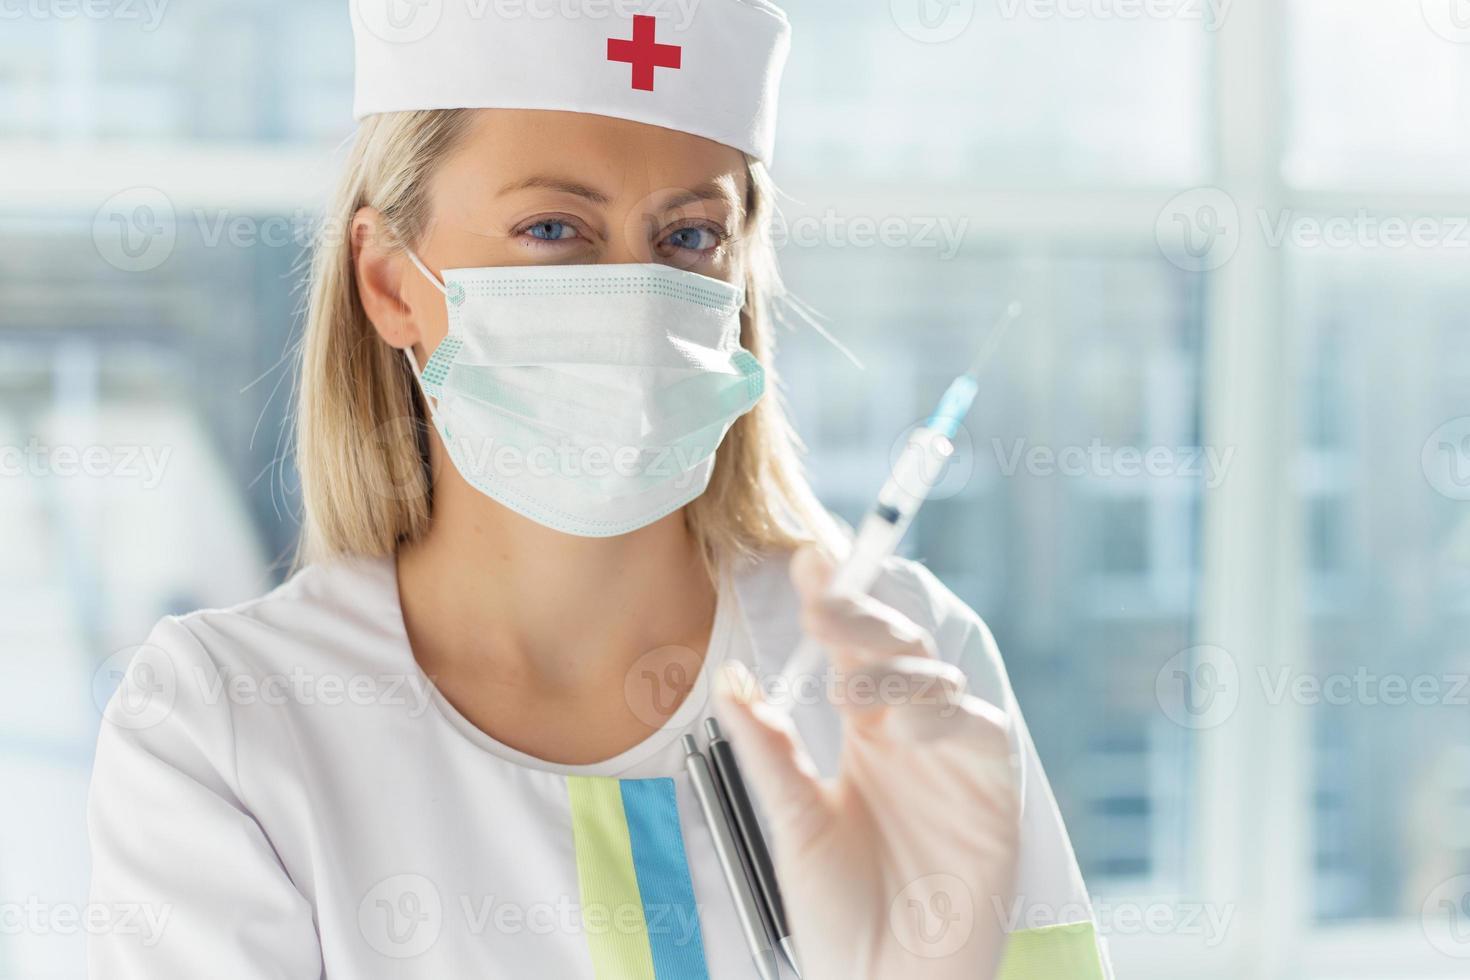 Krankenschwester hält Spritze foto